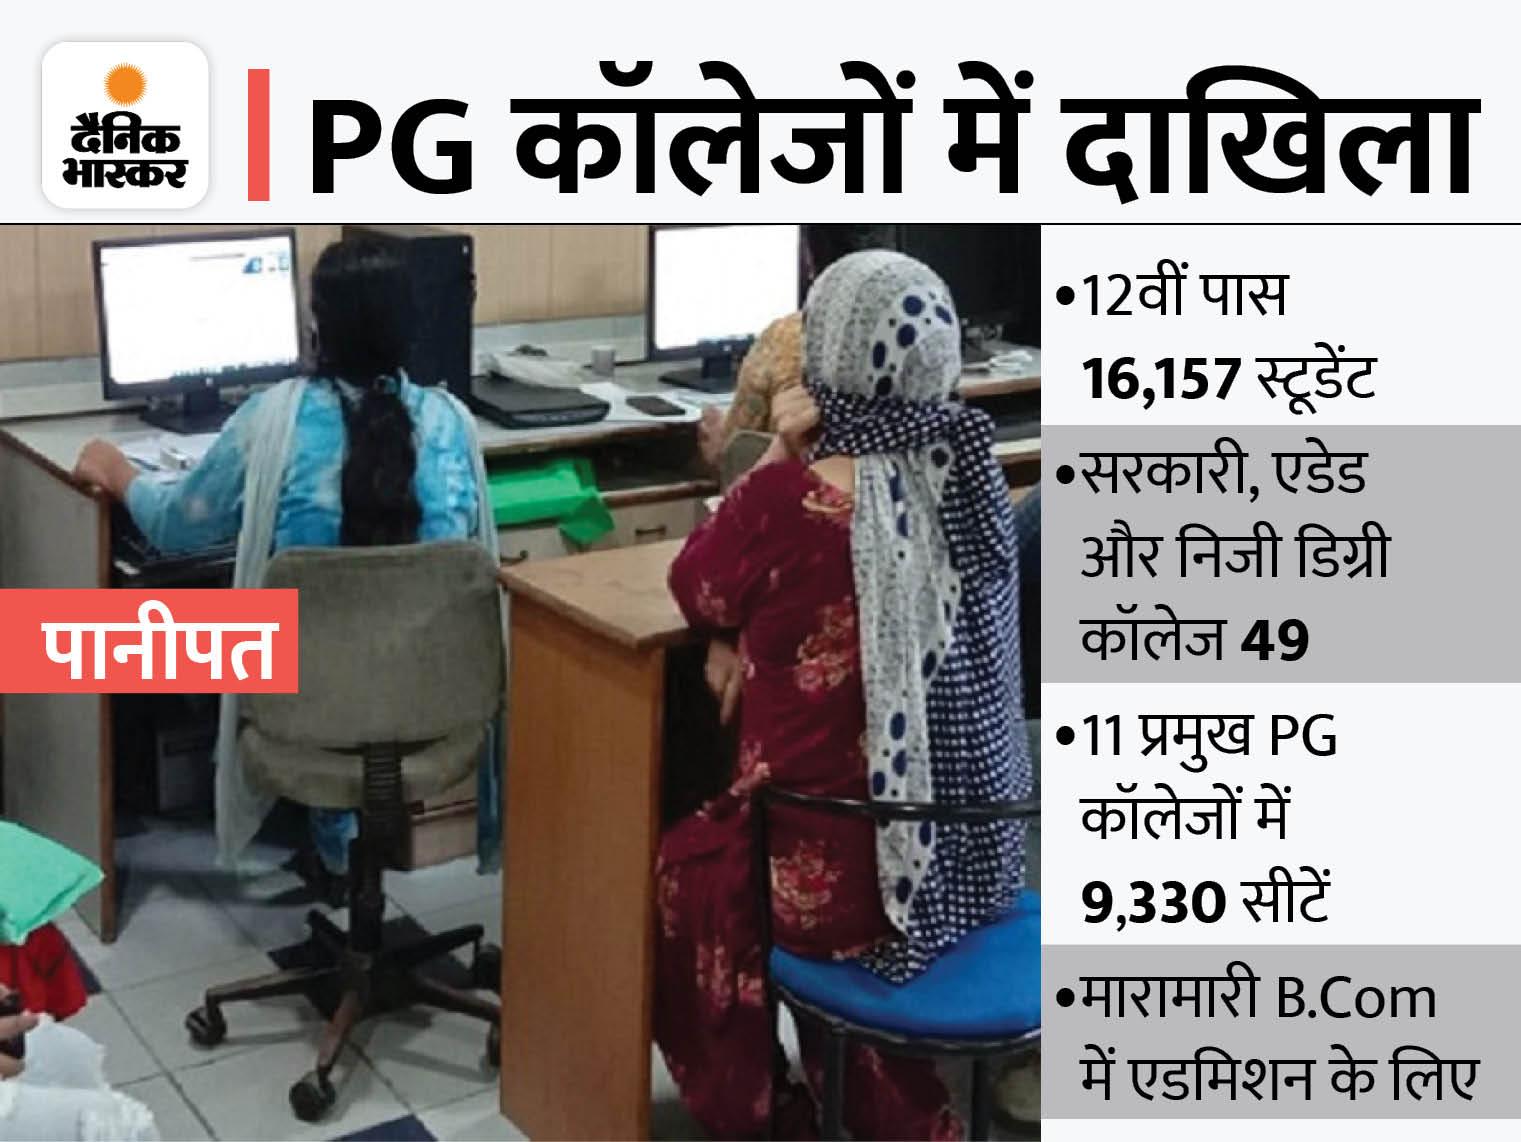 पानीपत में 16 हजार 157 स्टूडेंट ने पास की 12वीं; 11 प्रमुख कॉलेजों में सिर्फ 9 हजार 330 सीटें, सबसे अधिक मारामारी B.Com के लिए|पानीपत,Panipat - Dainik Bhaskar